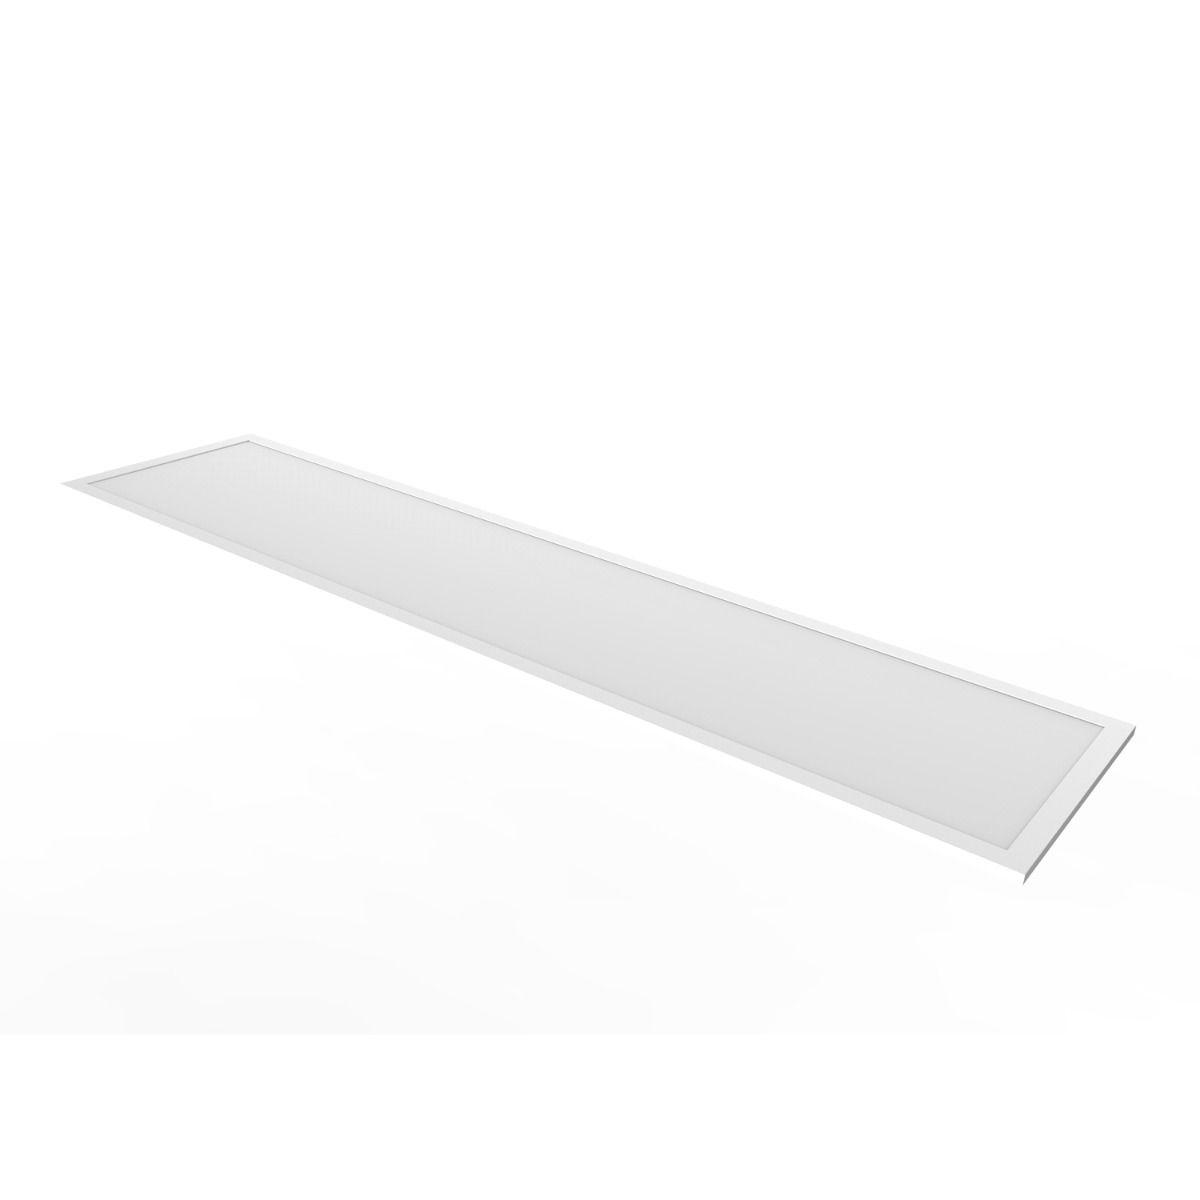 Noxion LED Panel Ecowhite V2.0 30x120cm 3000K 36W UGR <19 | Warmweiß - Ersatz für 2x36W